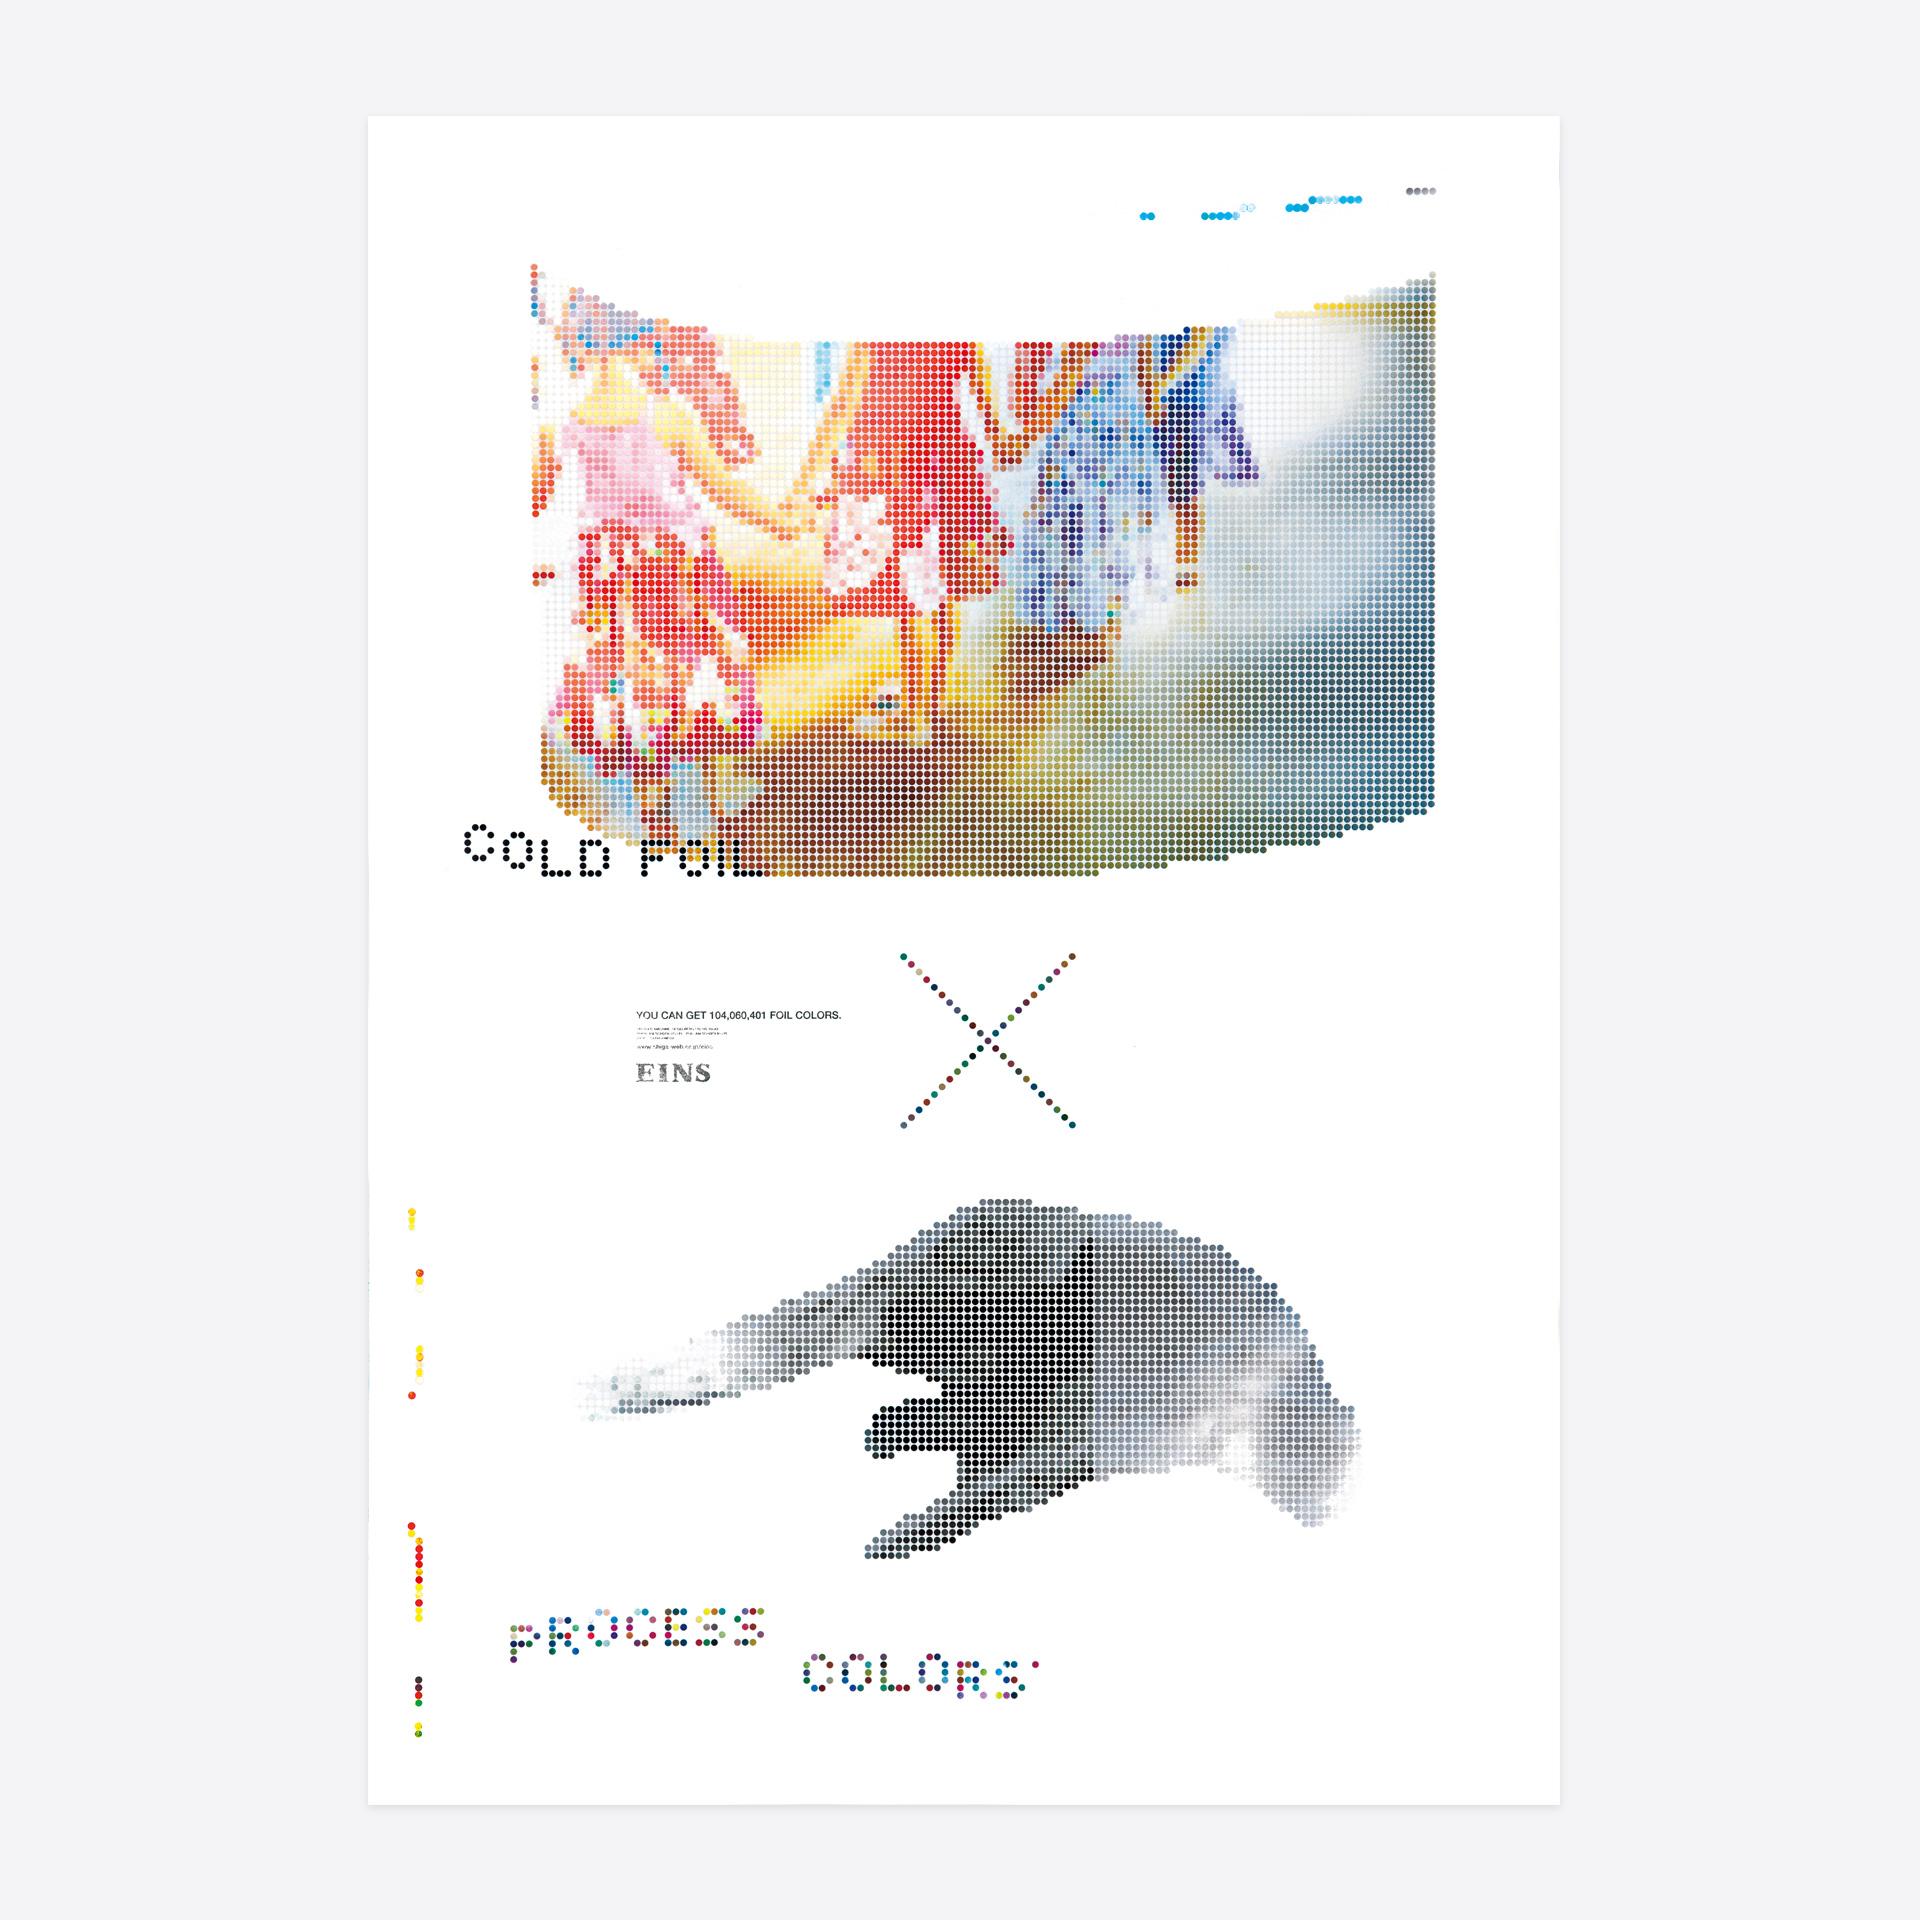 Cold Foil × Process 4c 2012